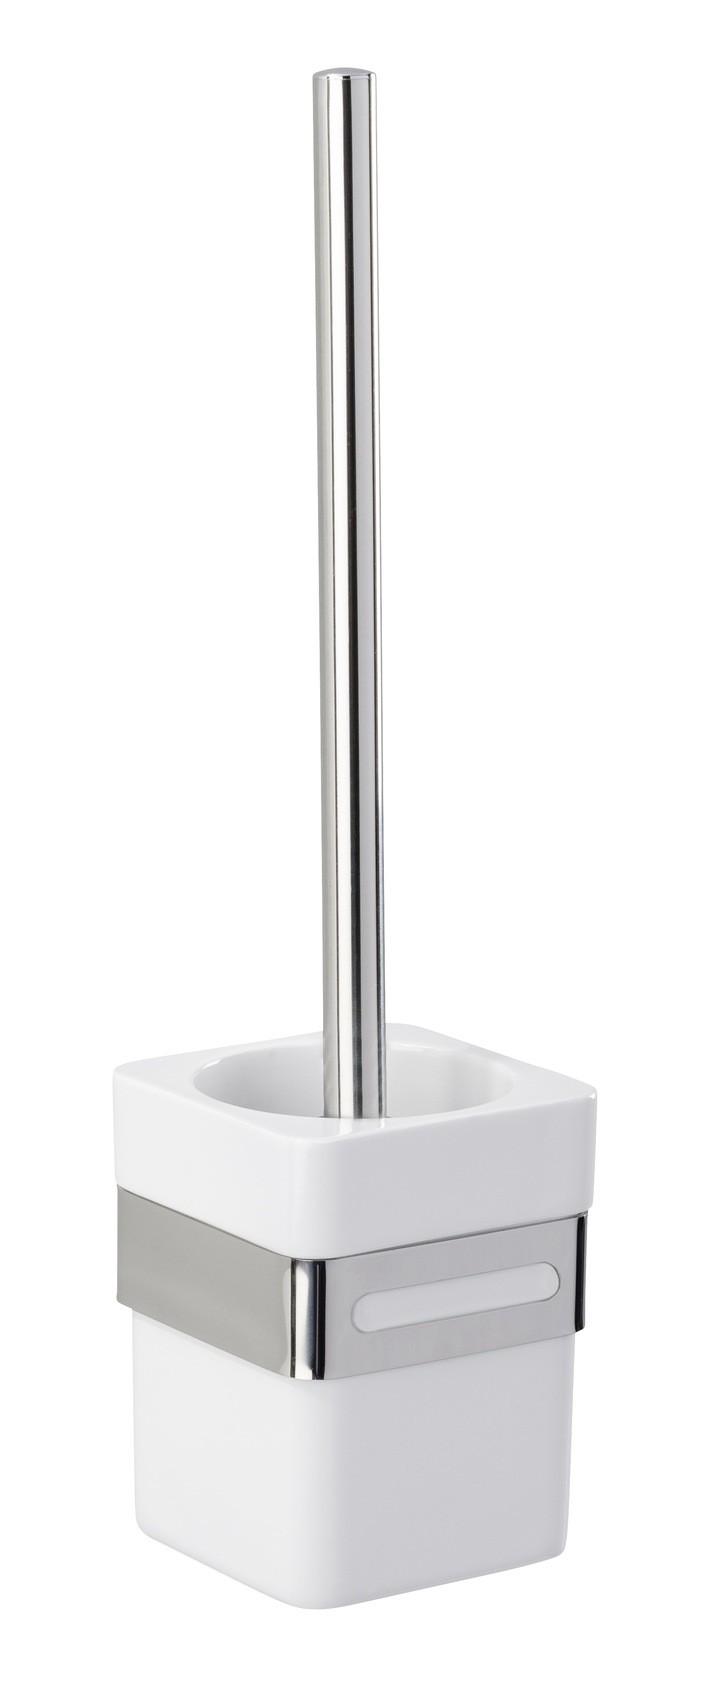 Wenko WC-Garnitur Premium Plus, Edelstahl